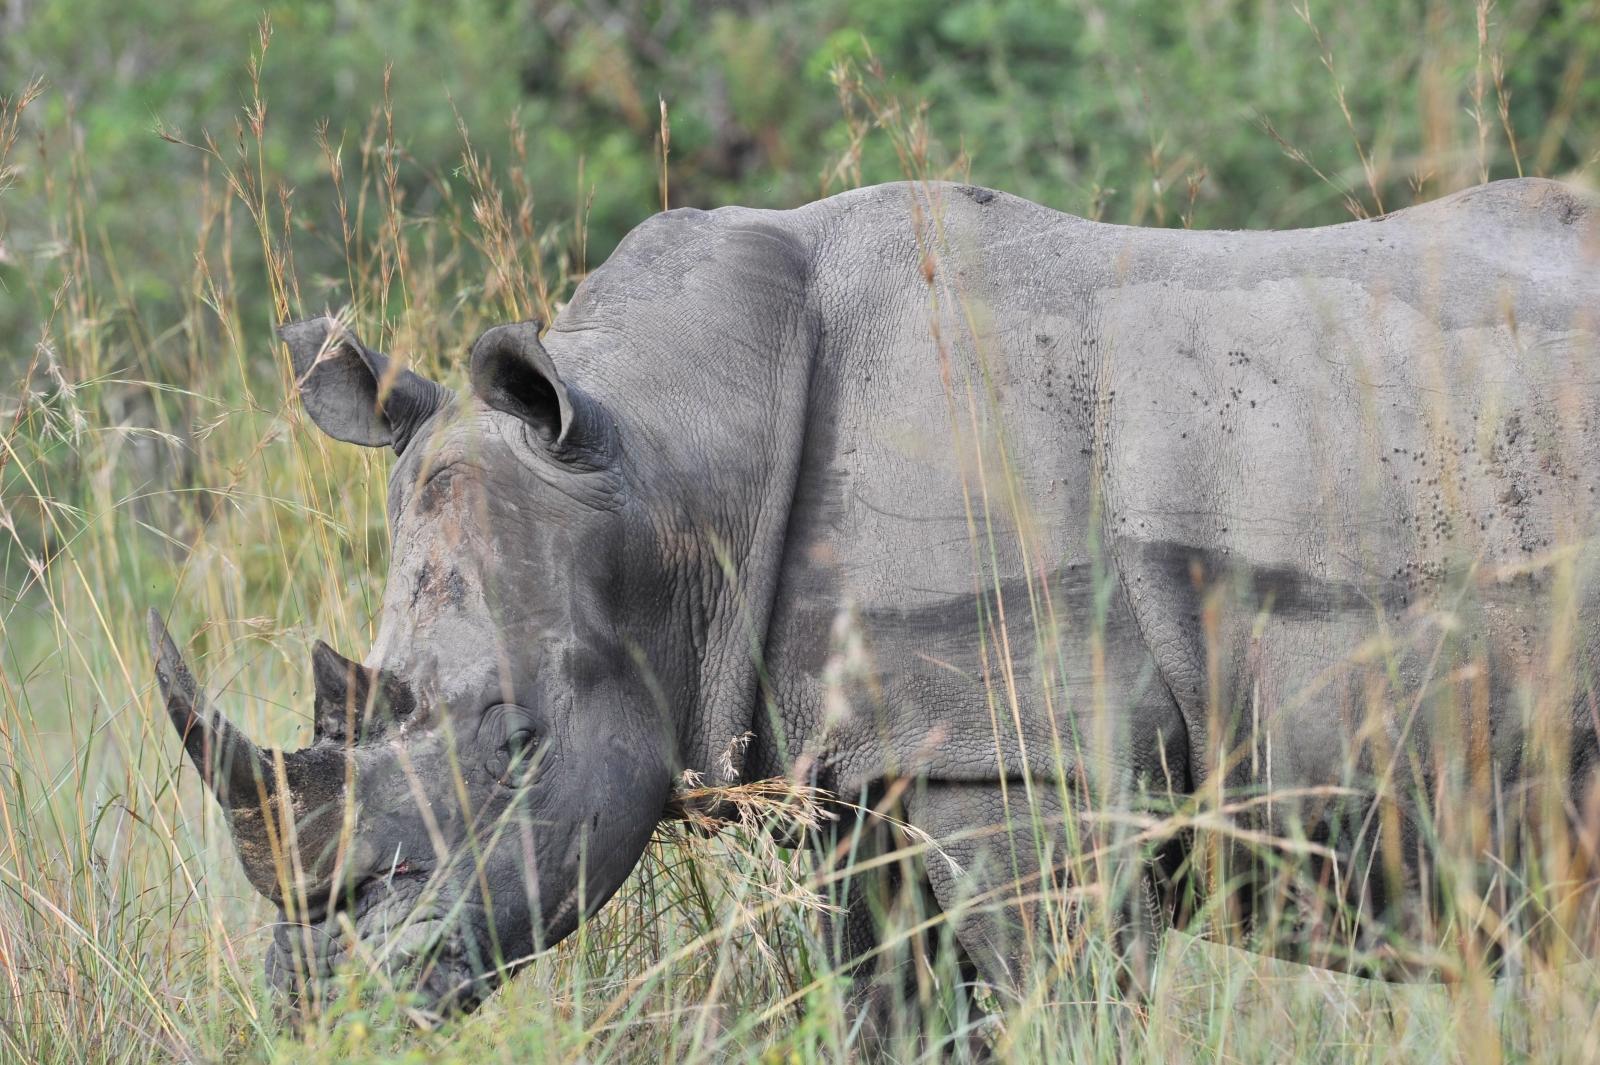 Rhinoceros resting in Kruger